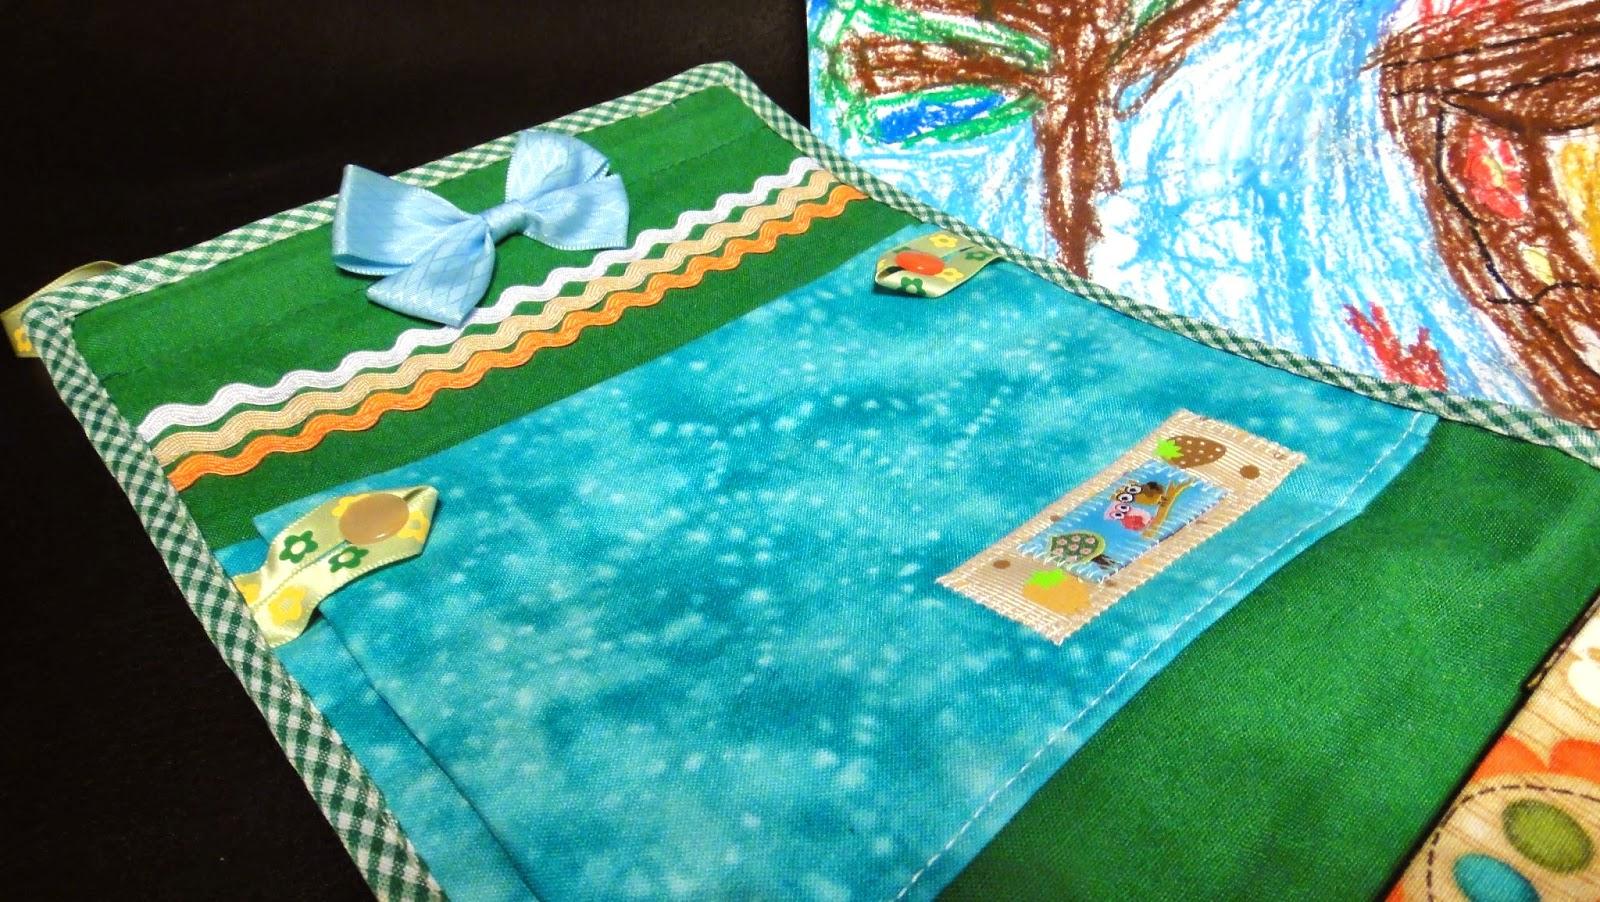 Детские кармашки, основные цвета: голубой и зеленый, персонажи: совы и лисы - подарок мальчику